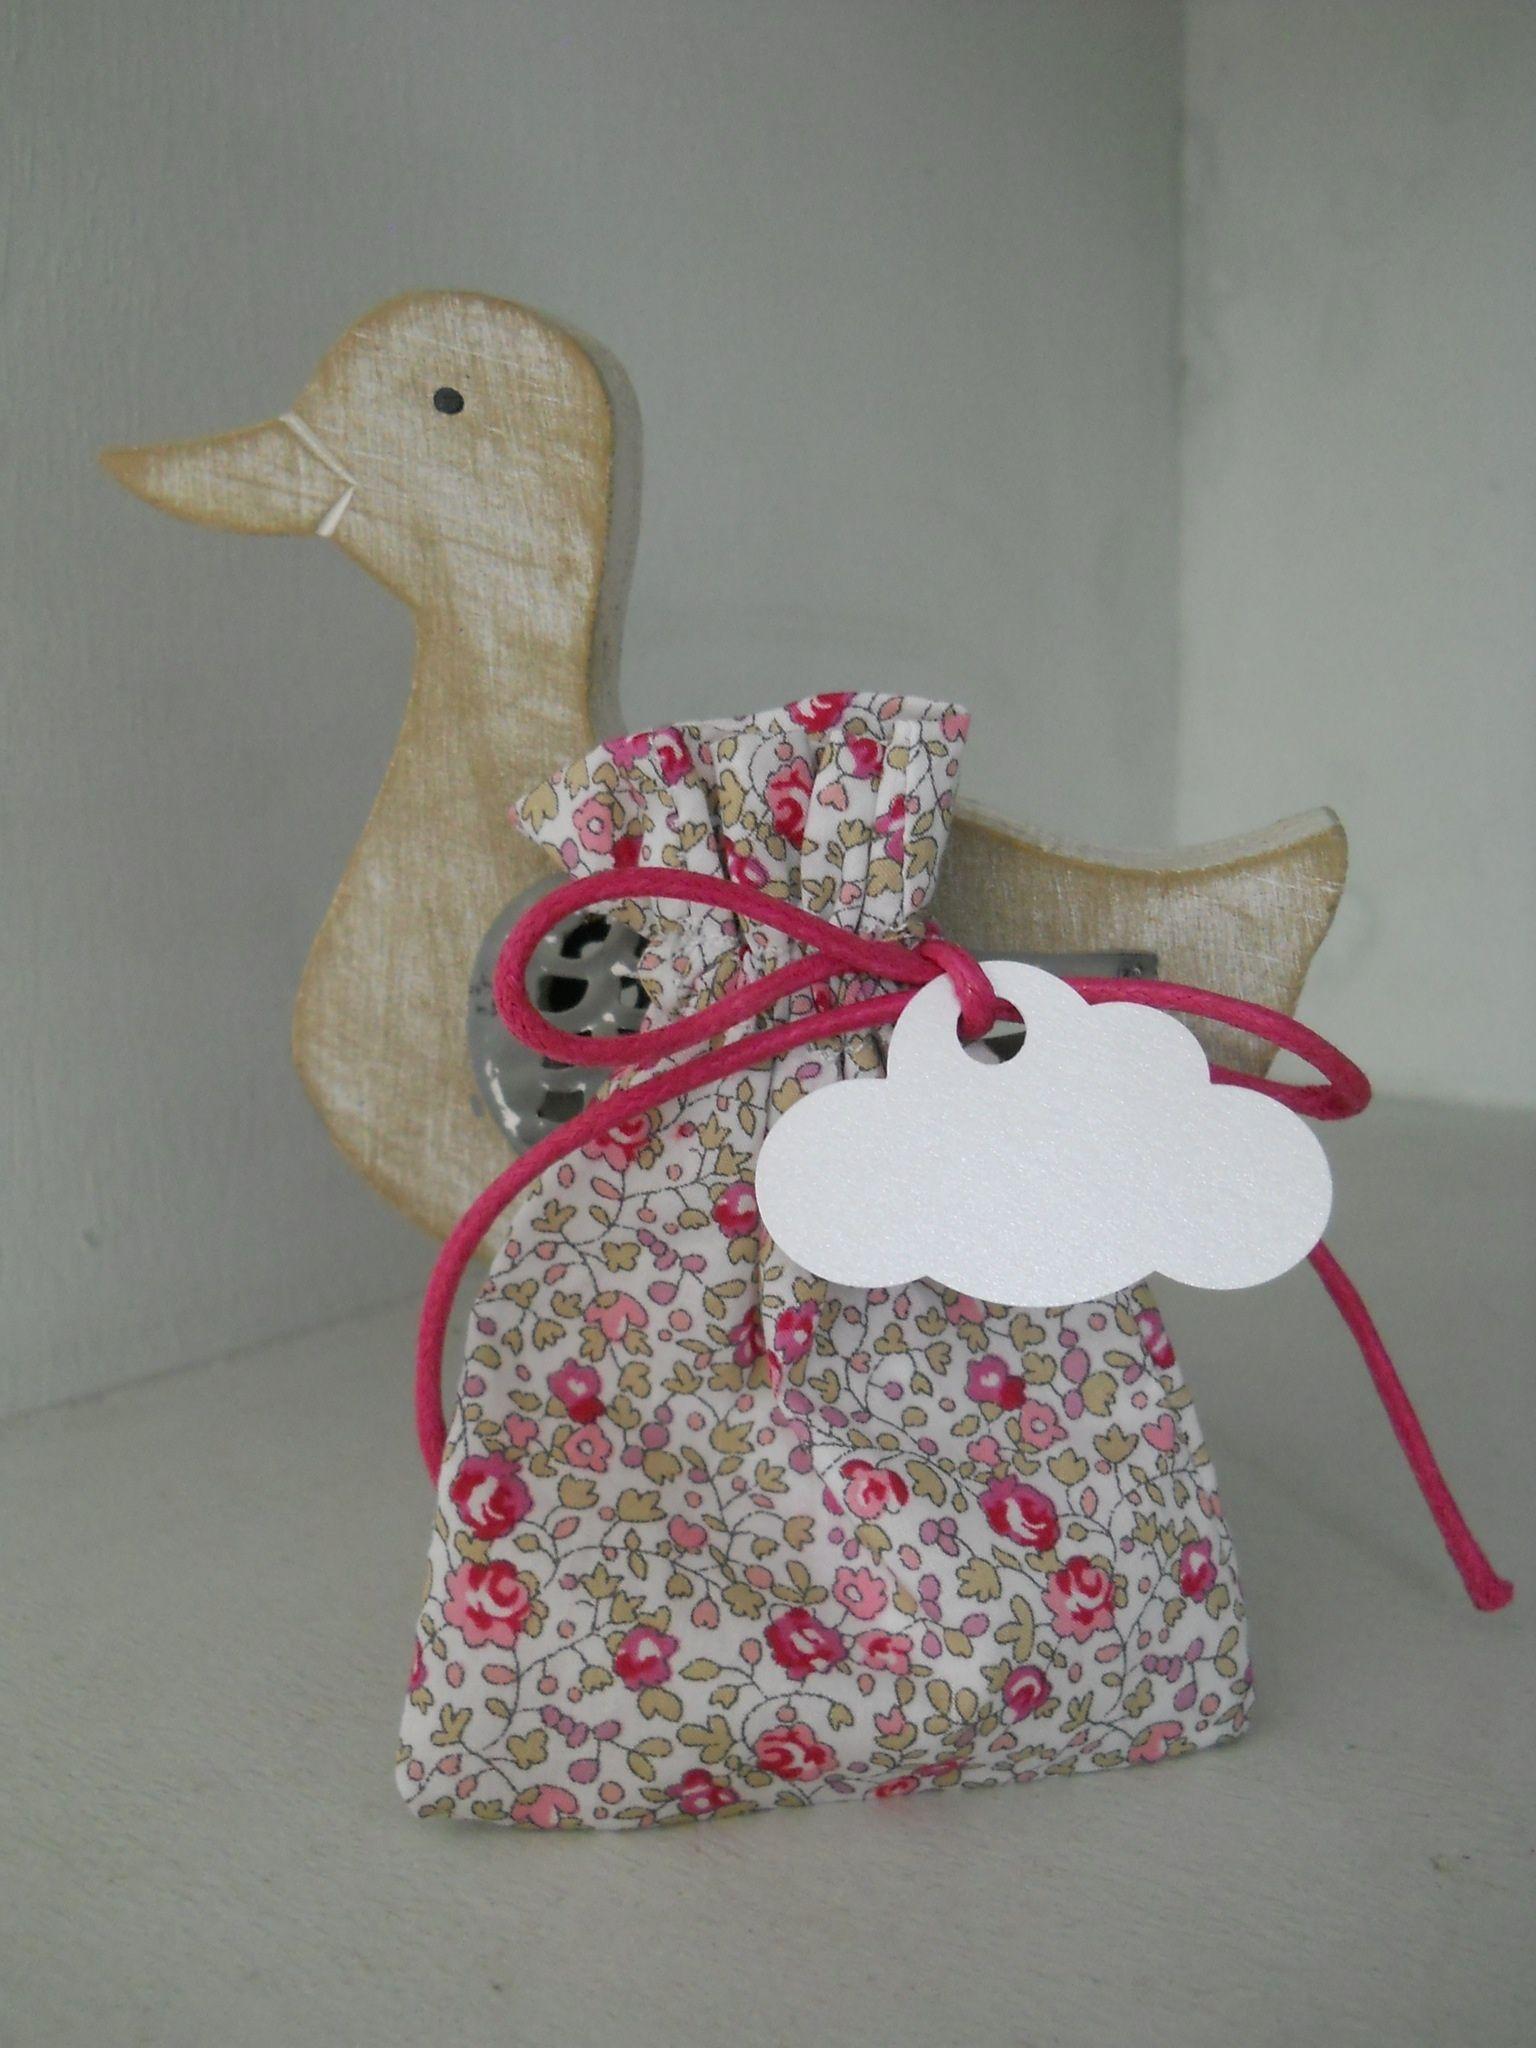 Pochon dragées Liberty eloise rose, cordon fuchsia, étiquette nuage blanc irisé